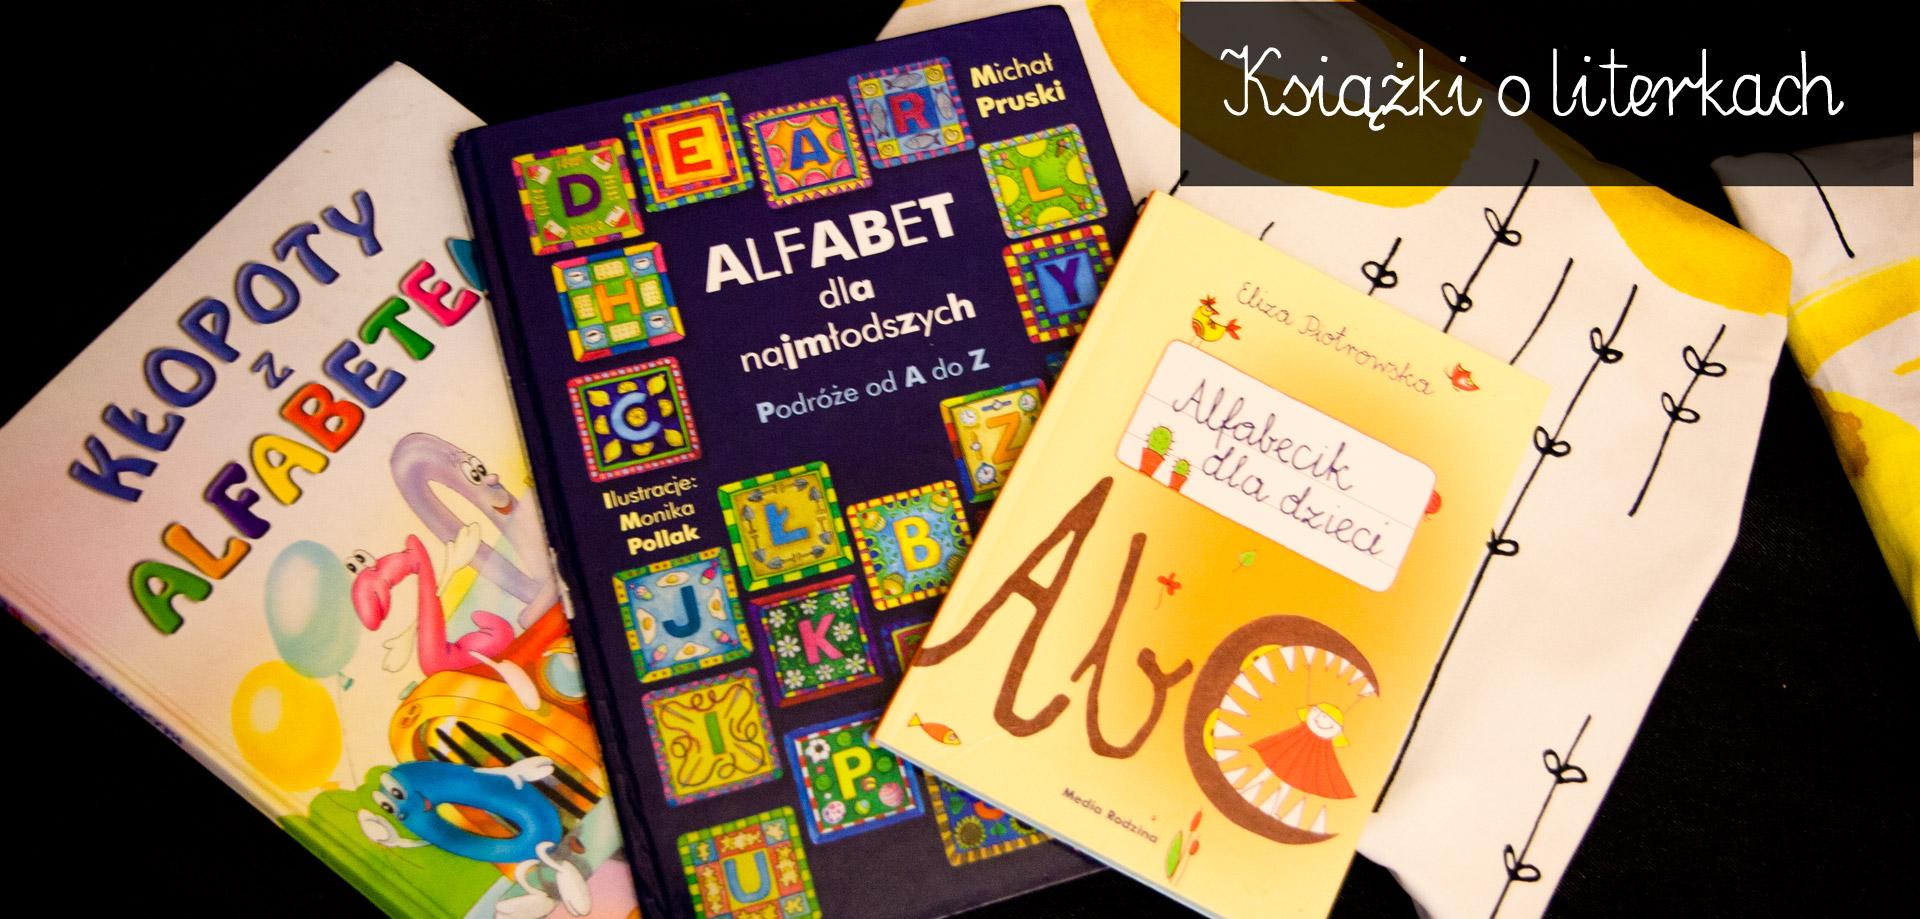 książki o literkach, nauka czytania, edukacja walorfska, montessori